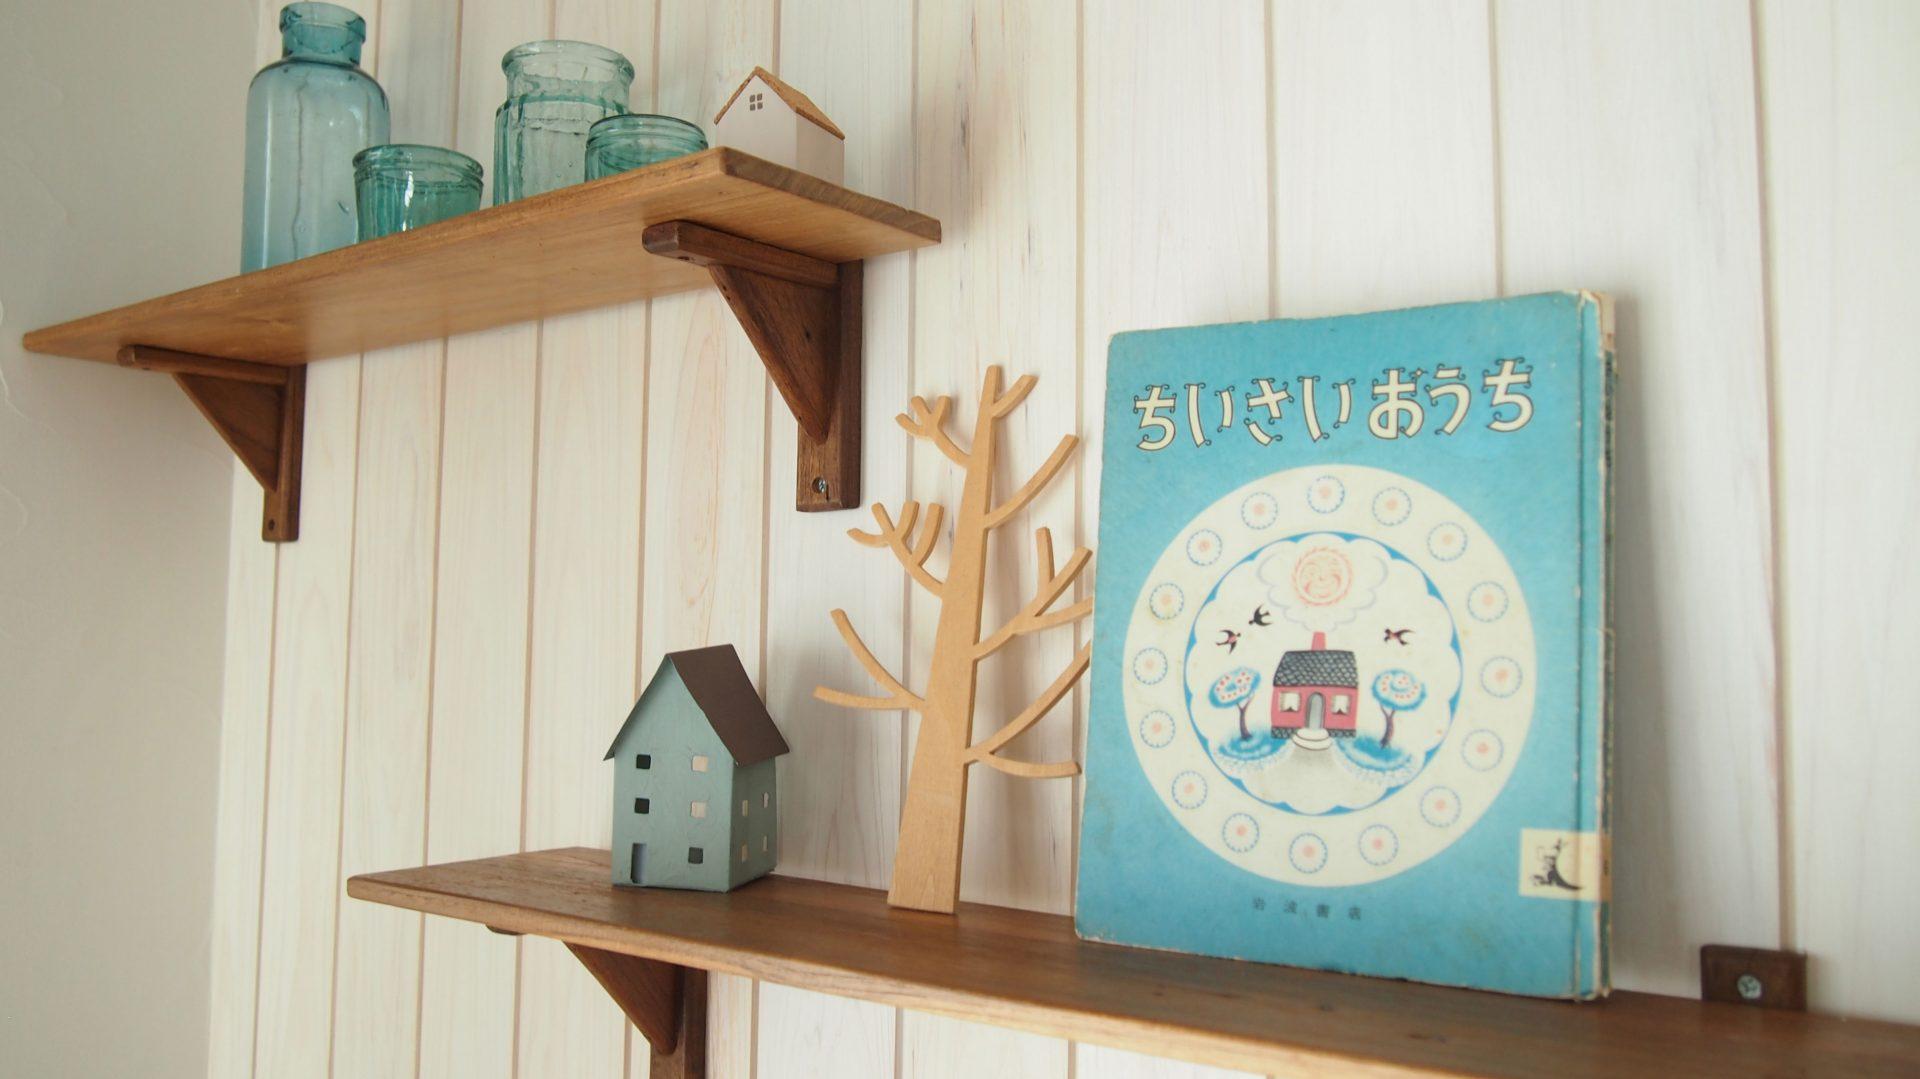 かわいい雑貨秩父の新築工務店 Mamanの家 ナチュラル北欧の家